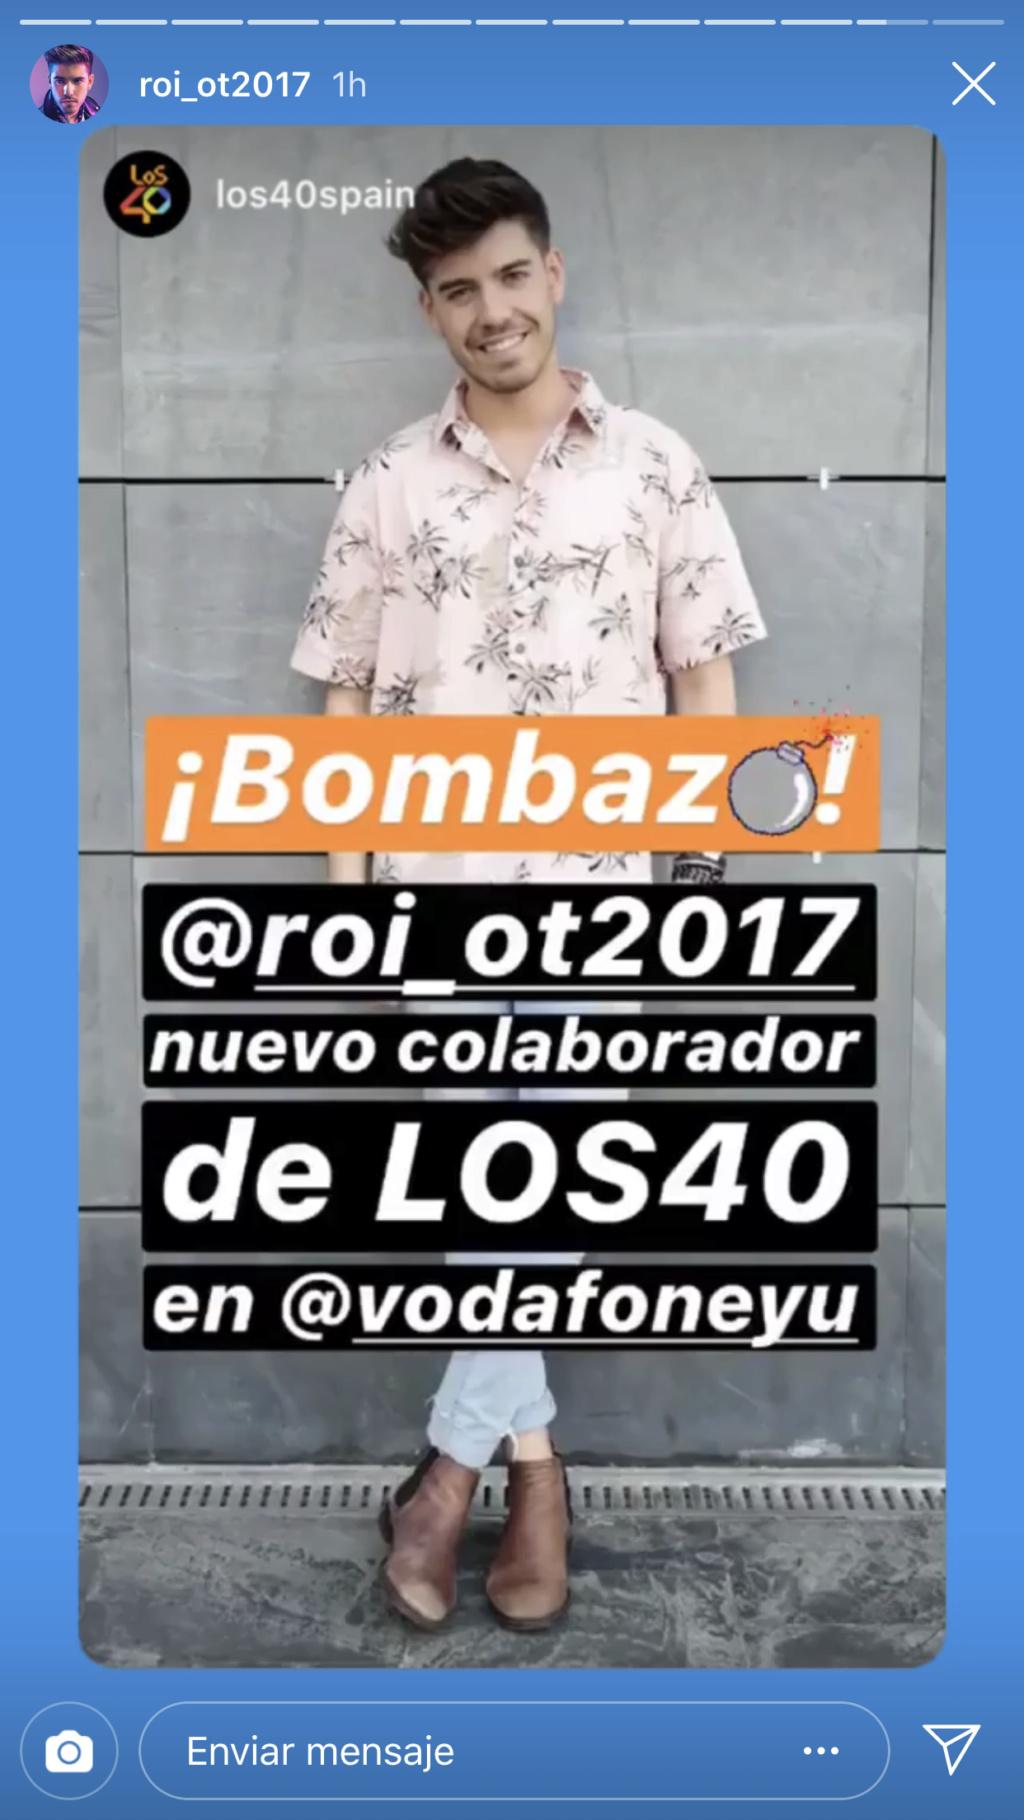 Roi Méndez (OT 2017) >> Preparando álbum debut  - Página 4 E1d5c910